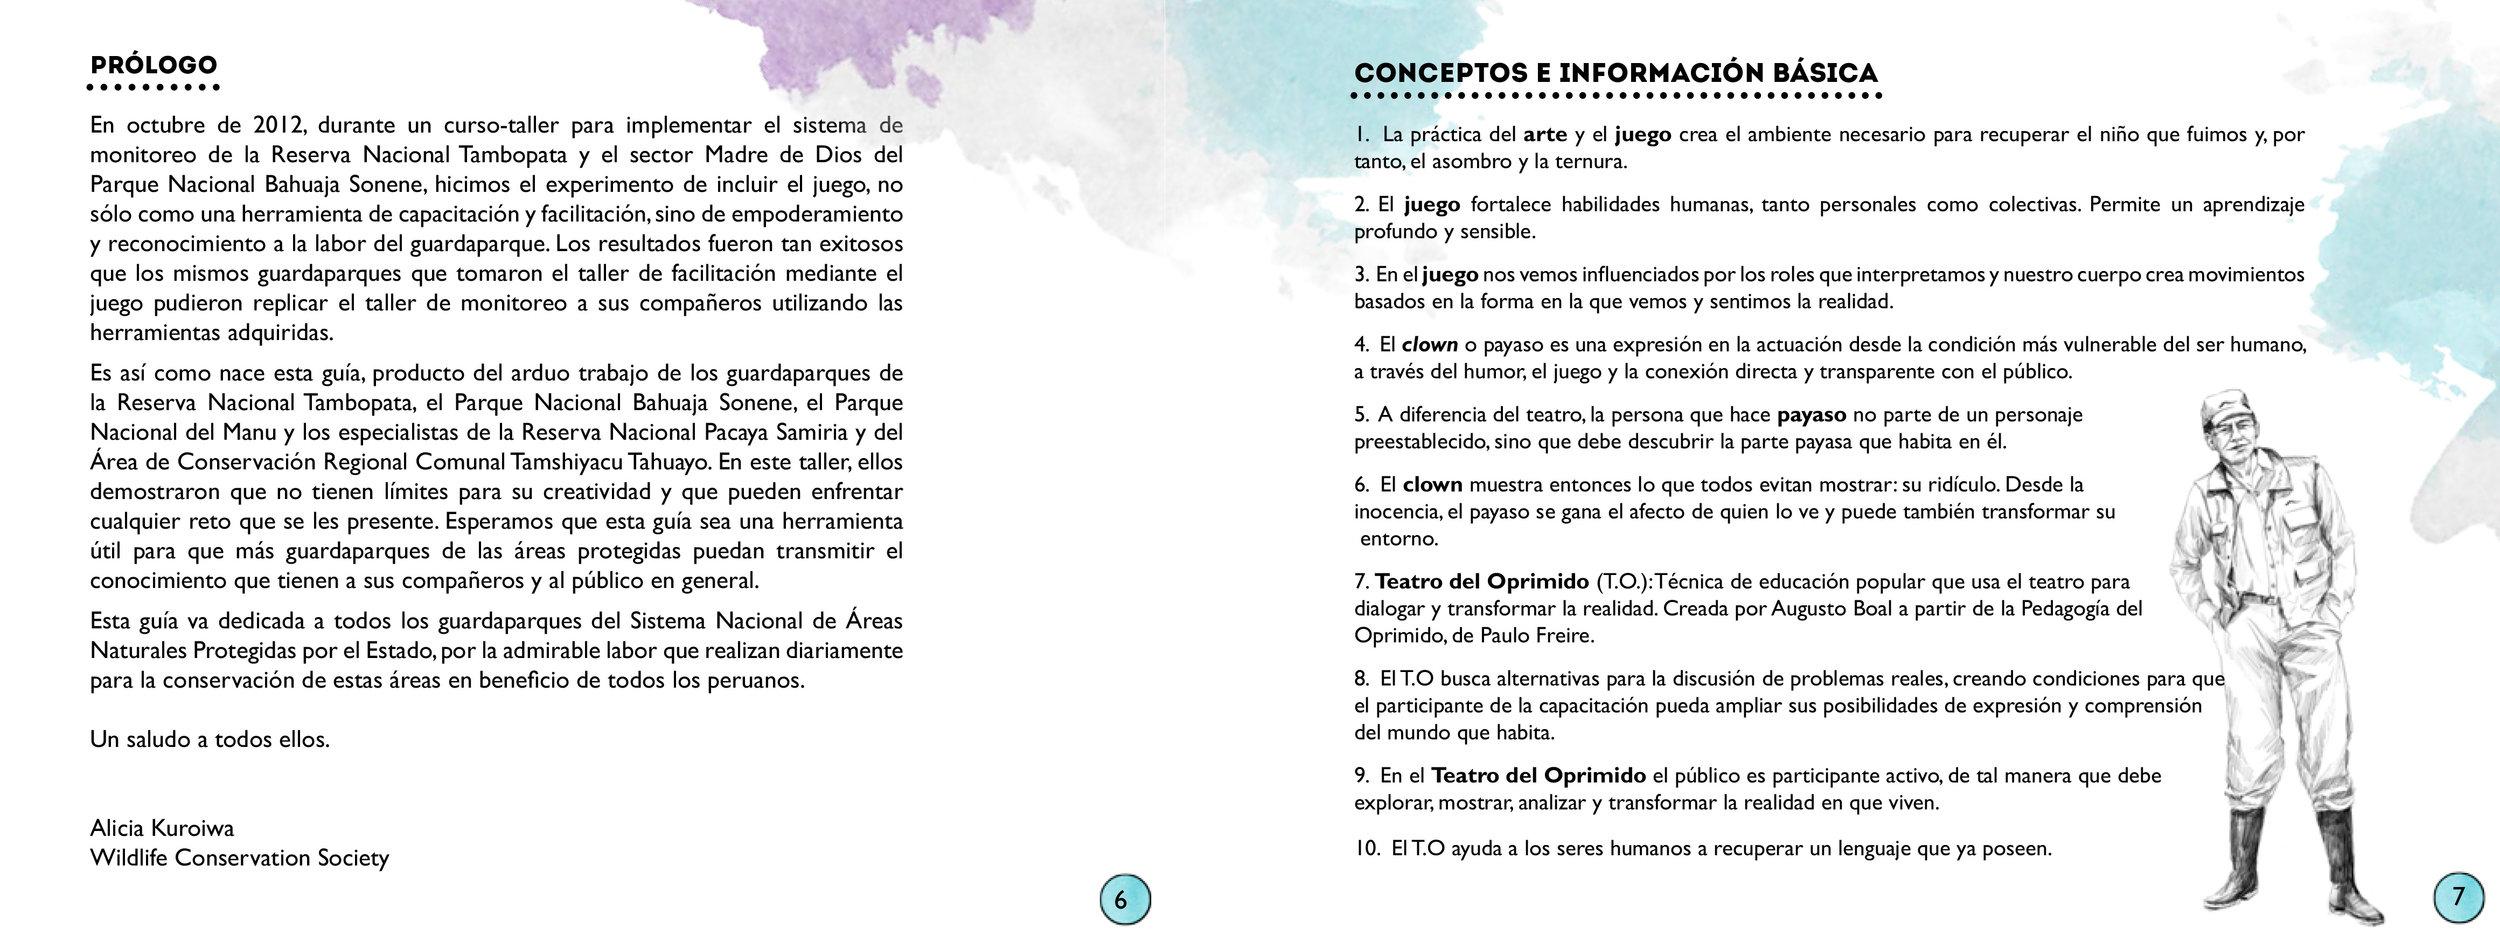 guardaparques15SEP_RevAA_30SEP2016-6.jpg